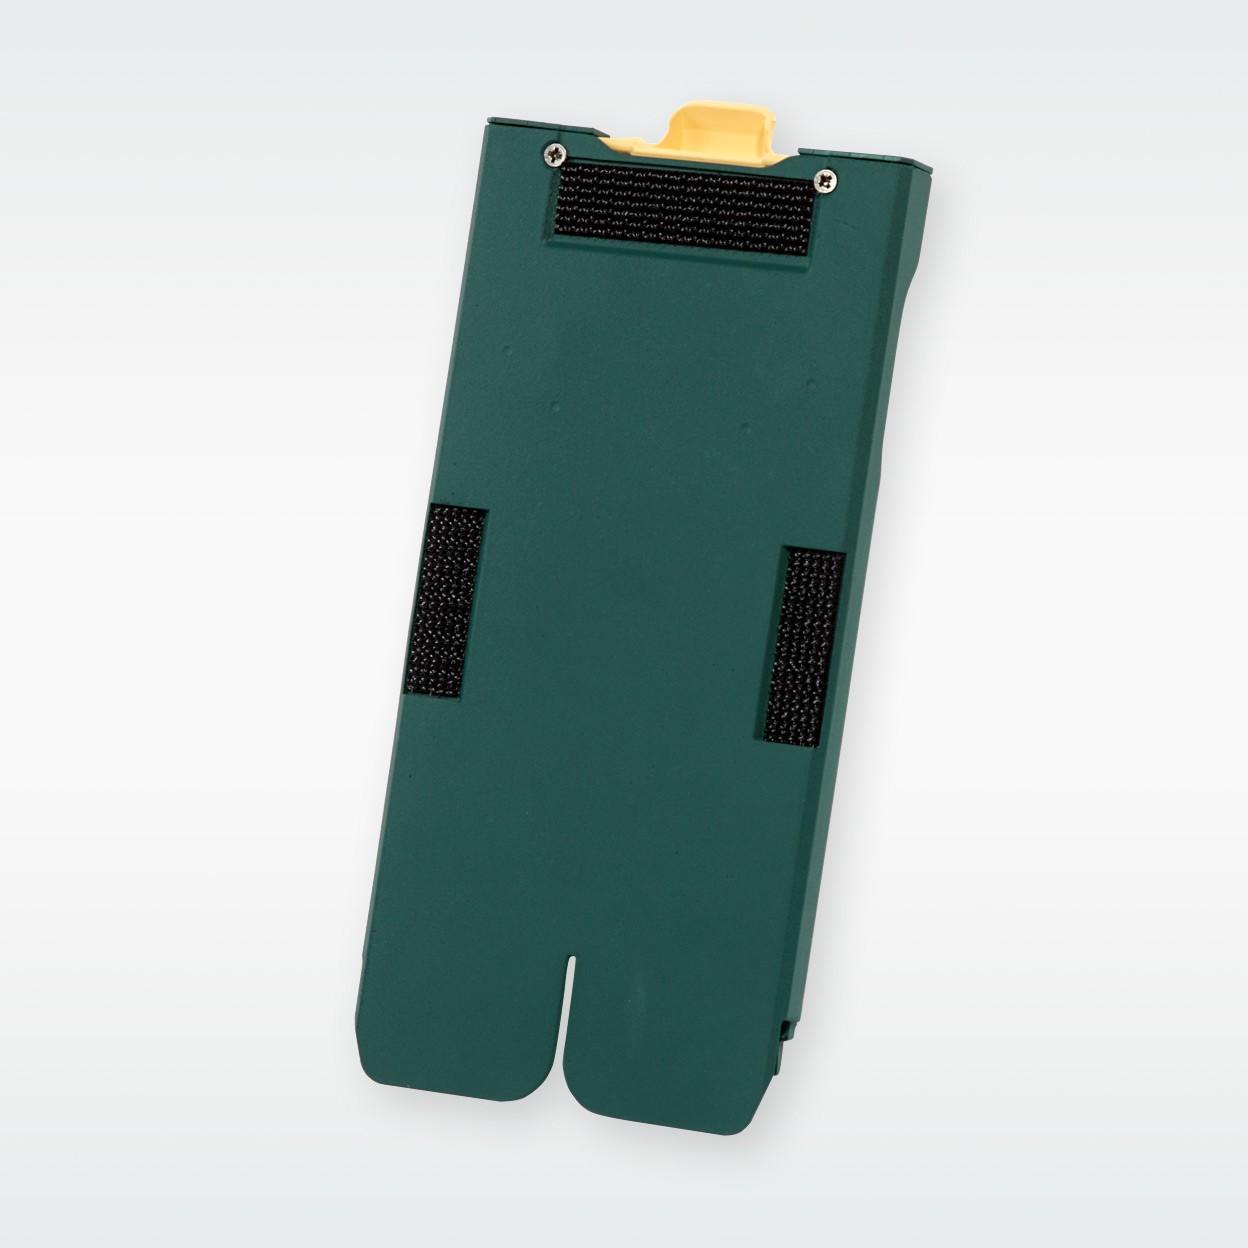 sp520 cloth tray vorwerk vacuum cleaner from vk direct kobold. Black Bedroom Furniture Sets. Home Design Ideas